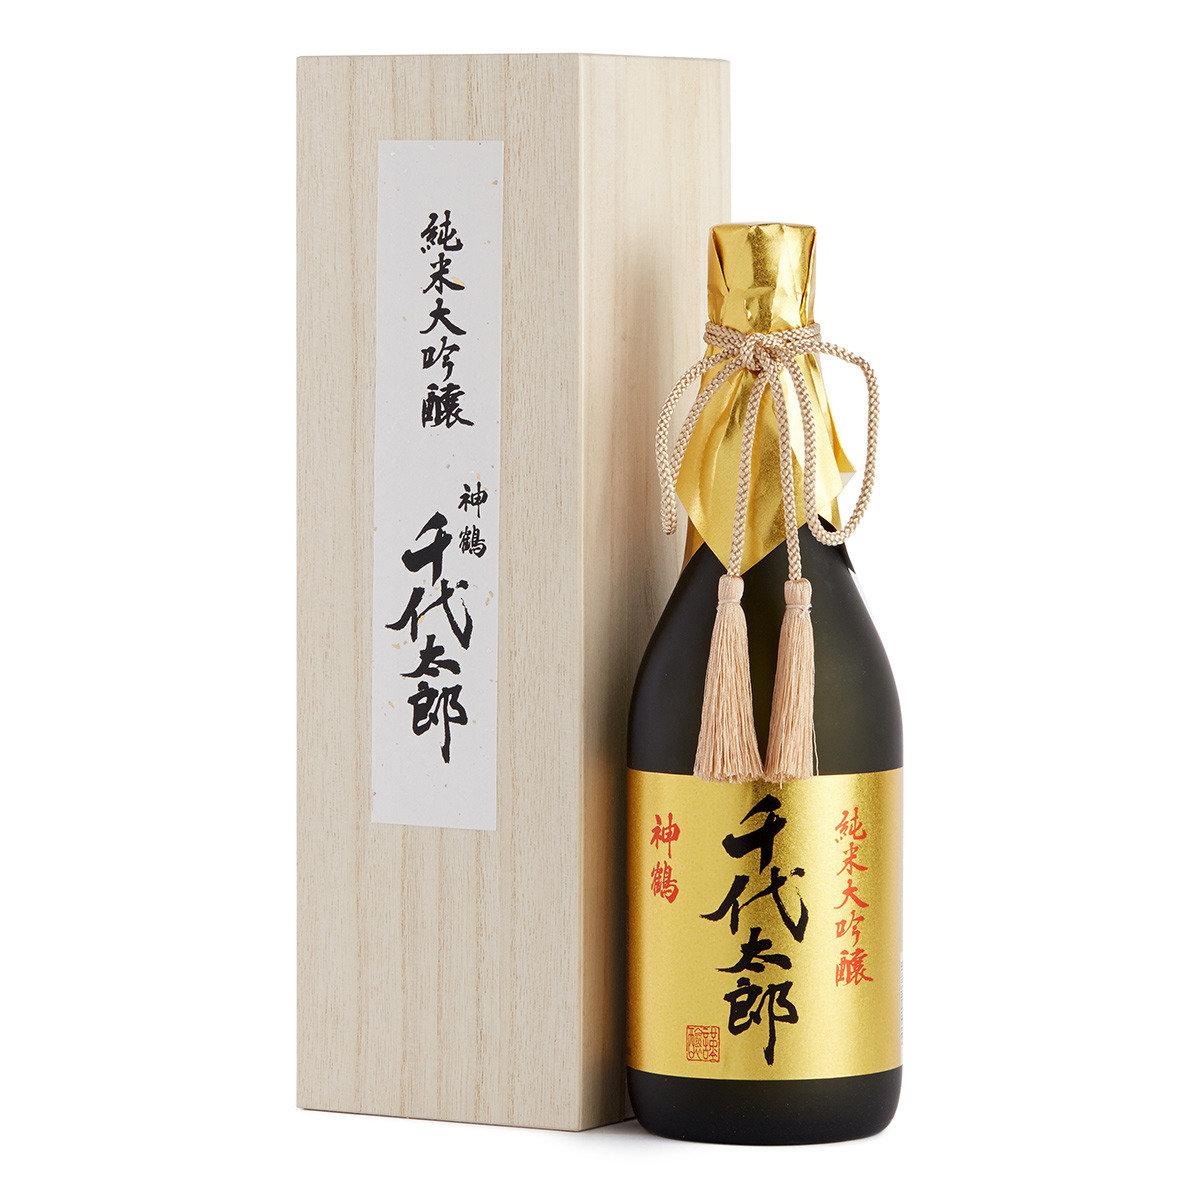 神鶴-純米大吟釀千代太郎 (日本直送)[響應環保, 不設木盒]